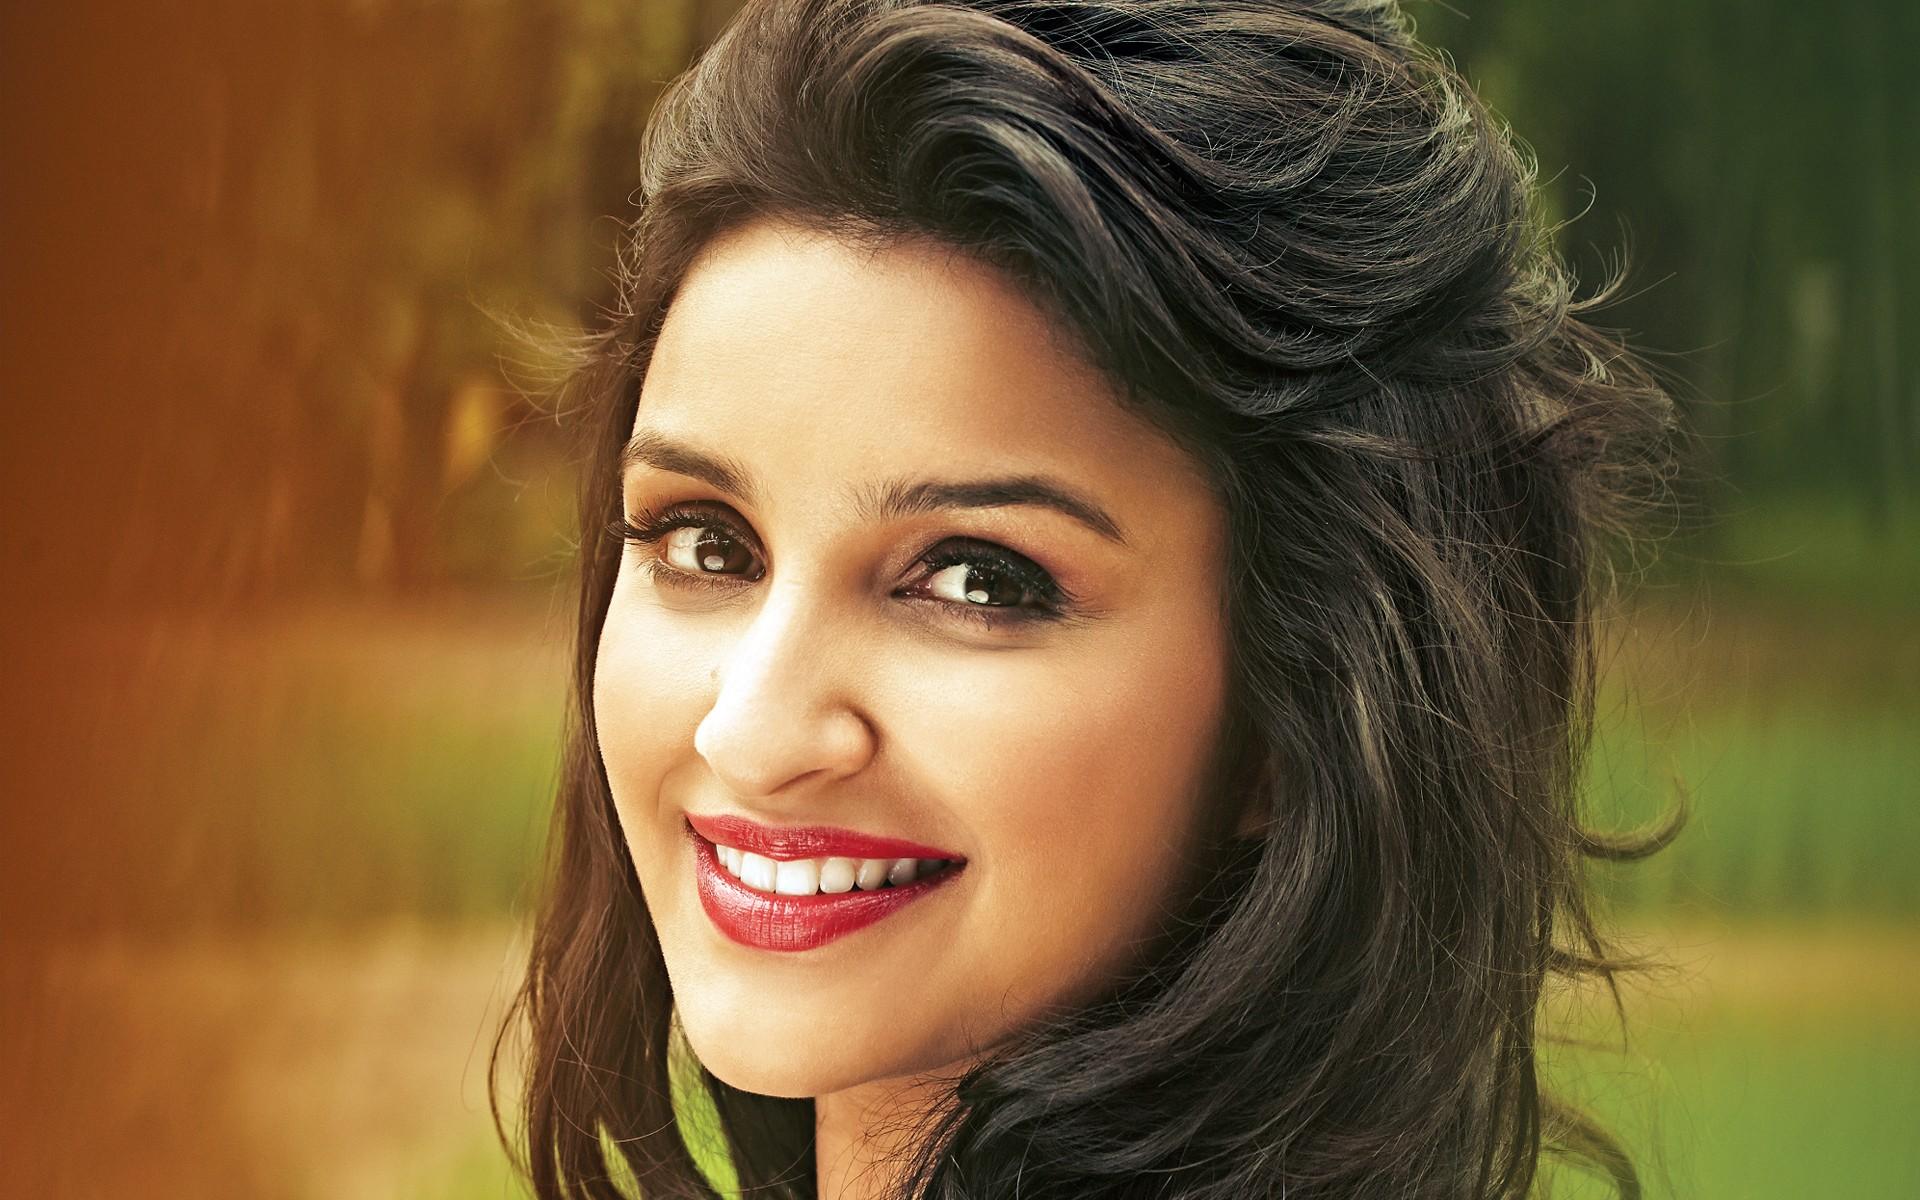 фото индийской актрисы чопры заметить, что